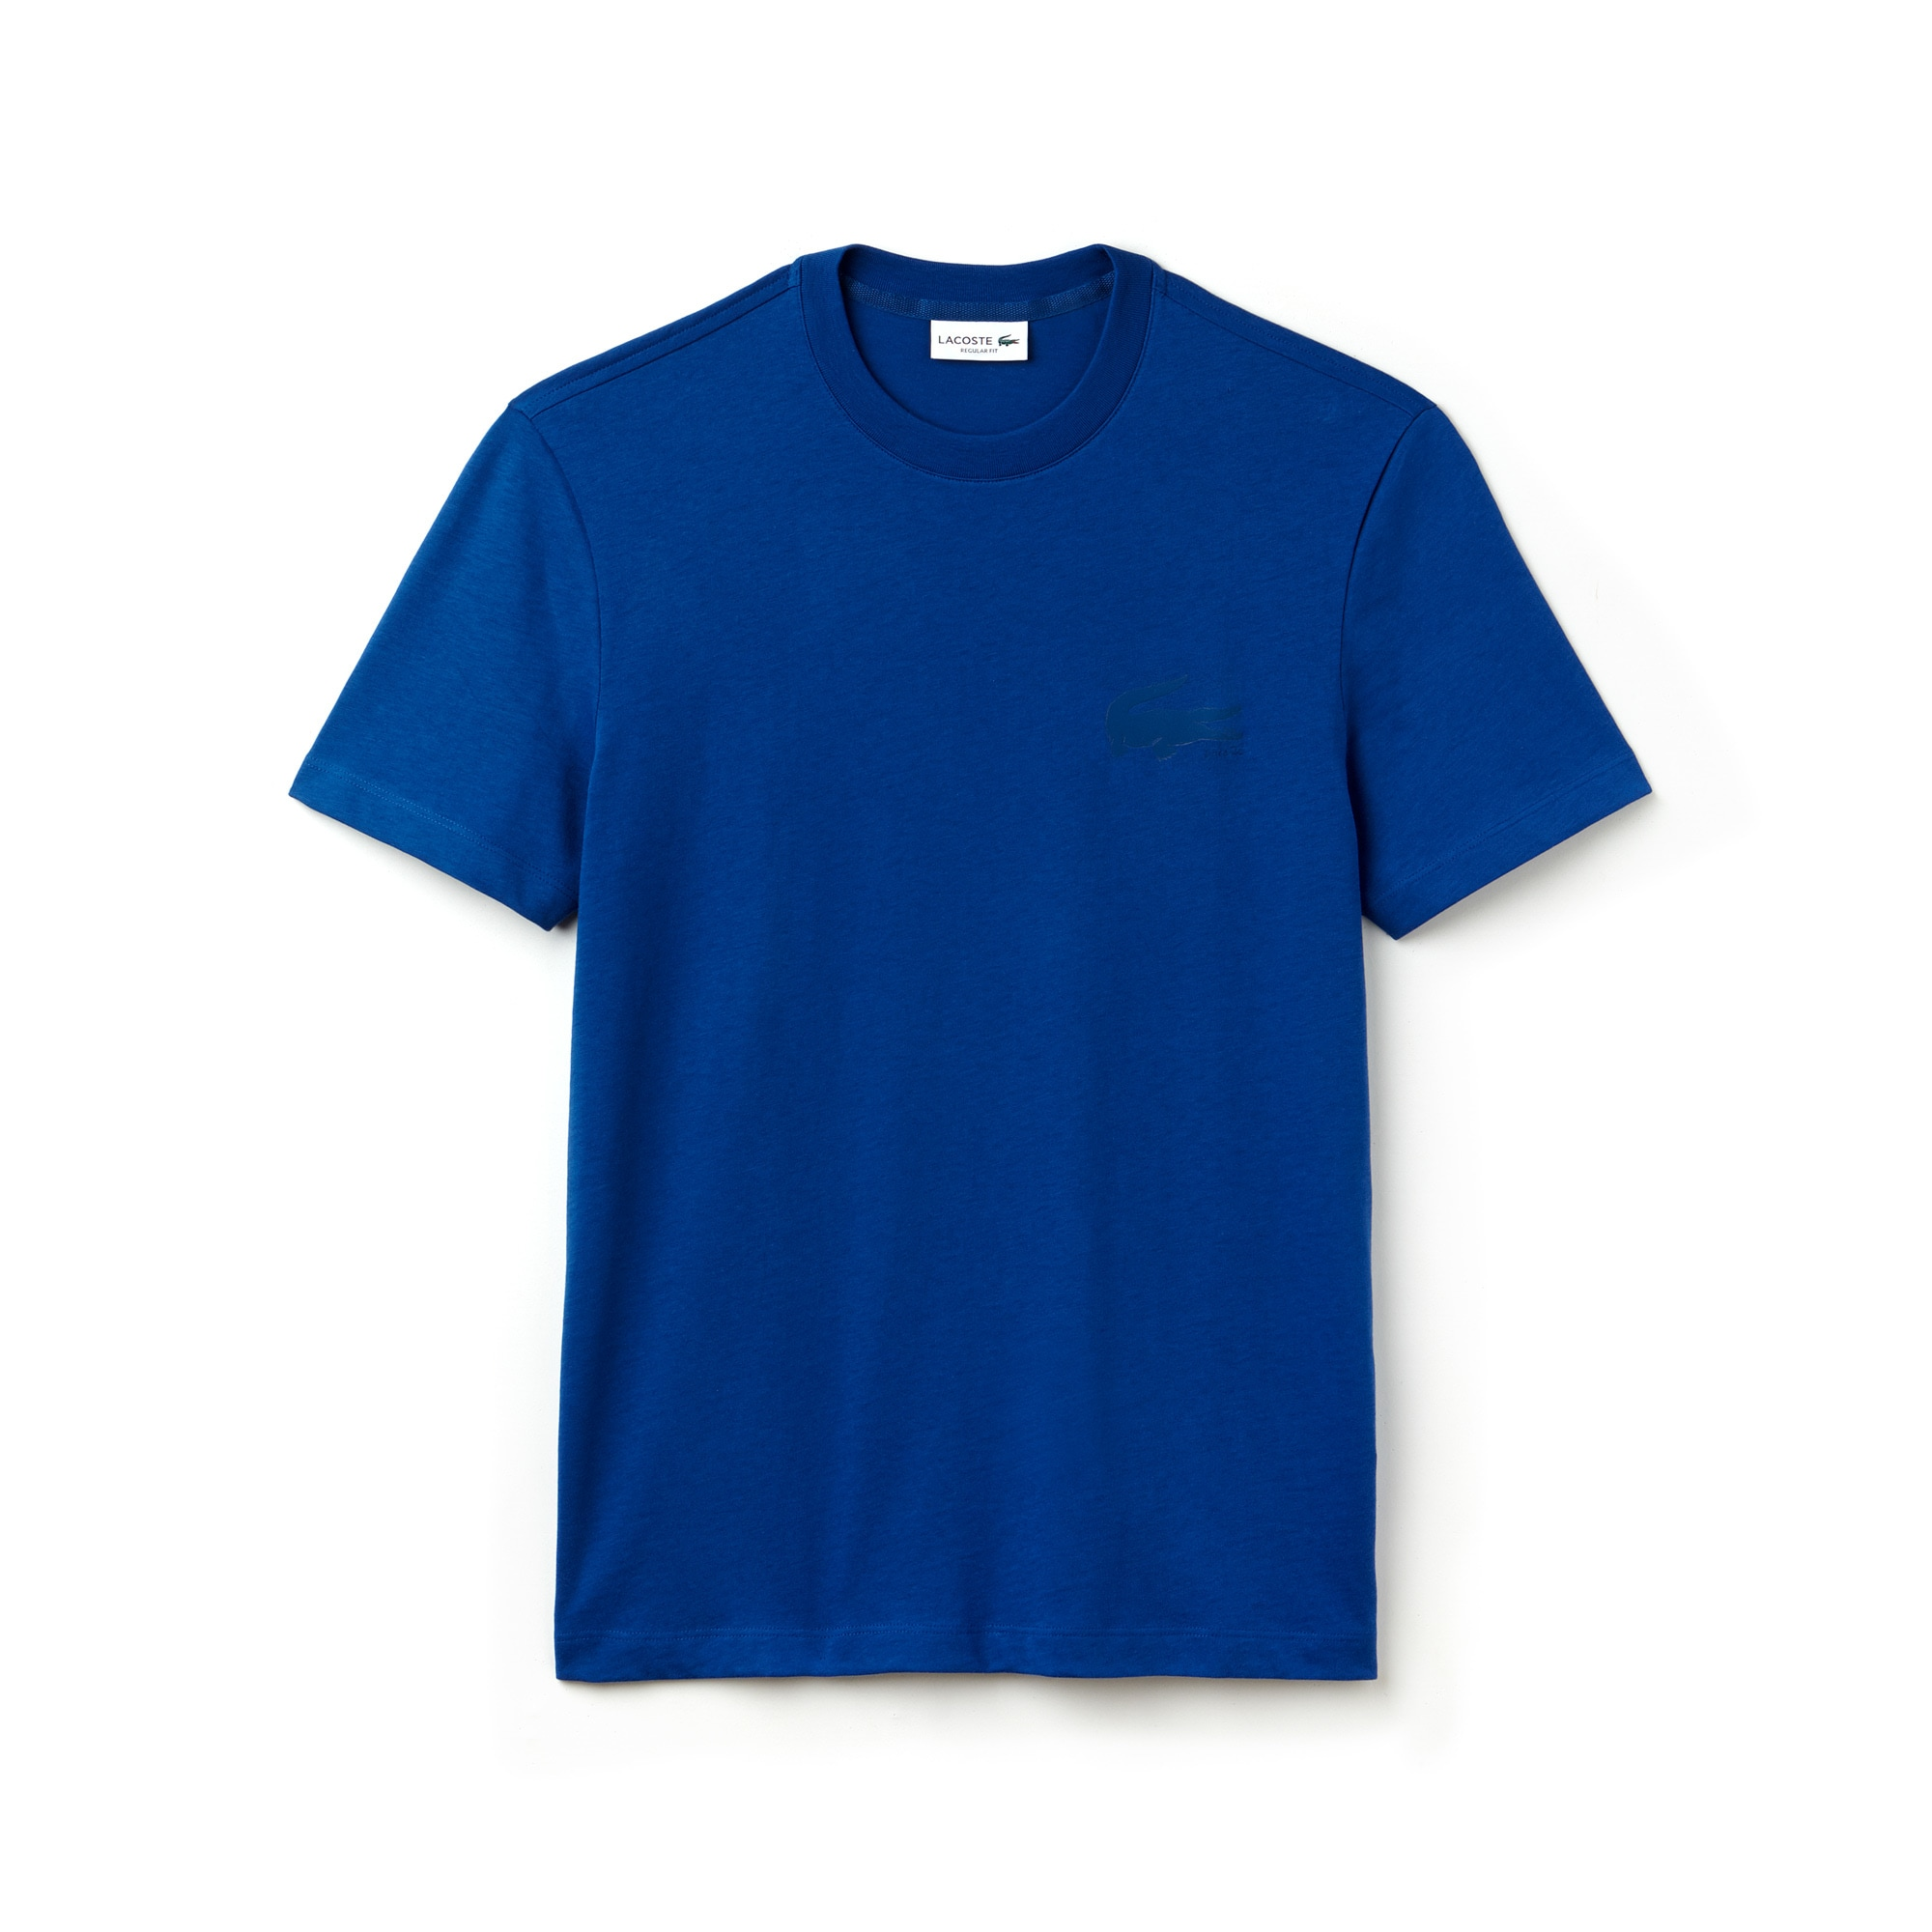 Camiseta De Cuello Redondo De Punto Liso De Algodón Liso Con Cocodrilo